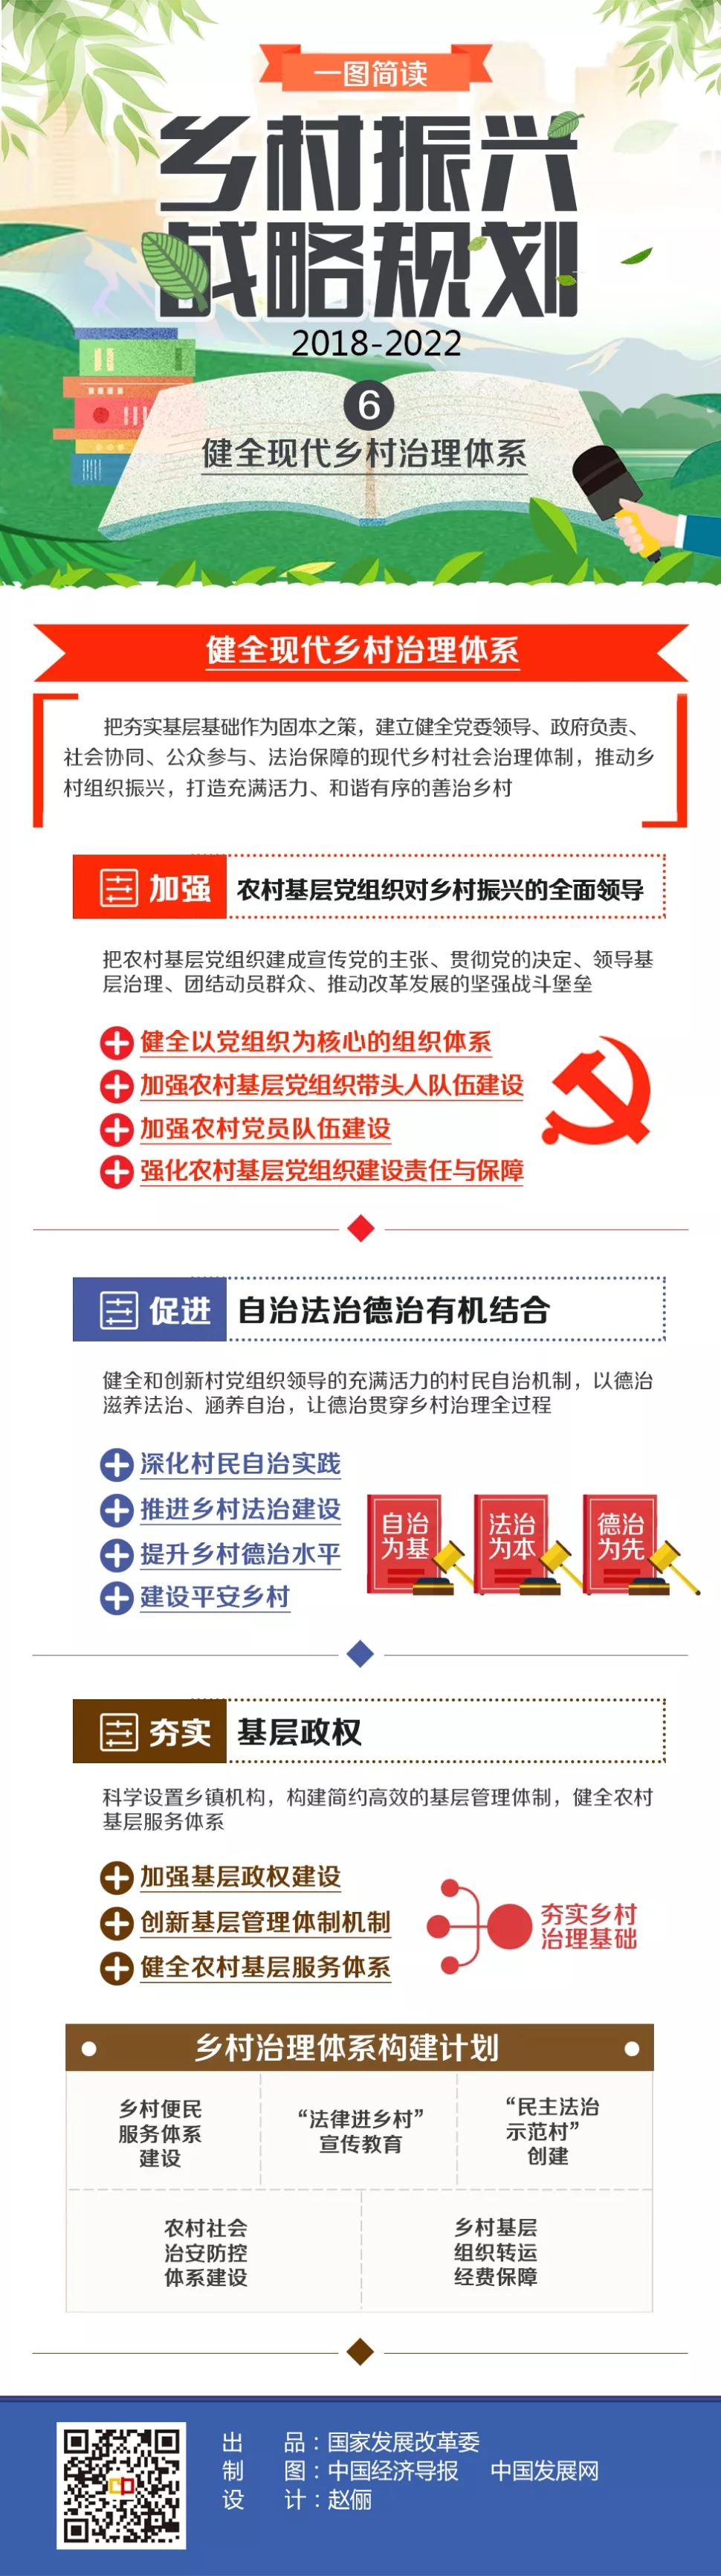 乡村振兴战略规划(2018―2022年)系列图解之六